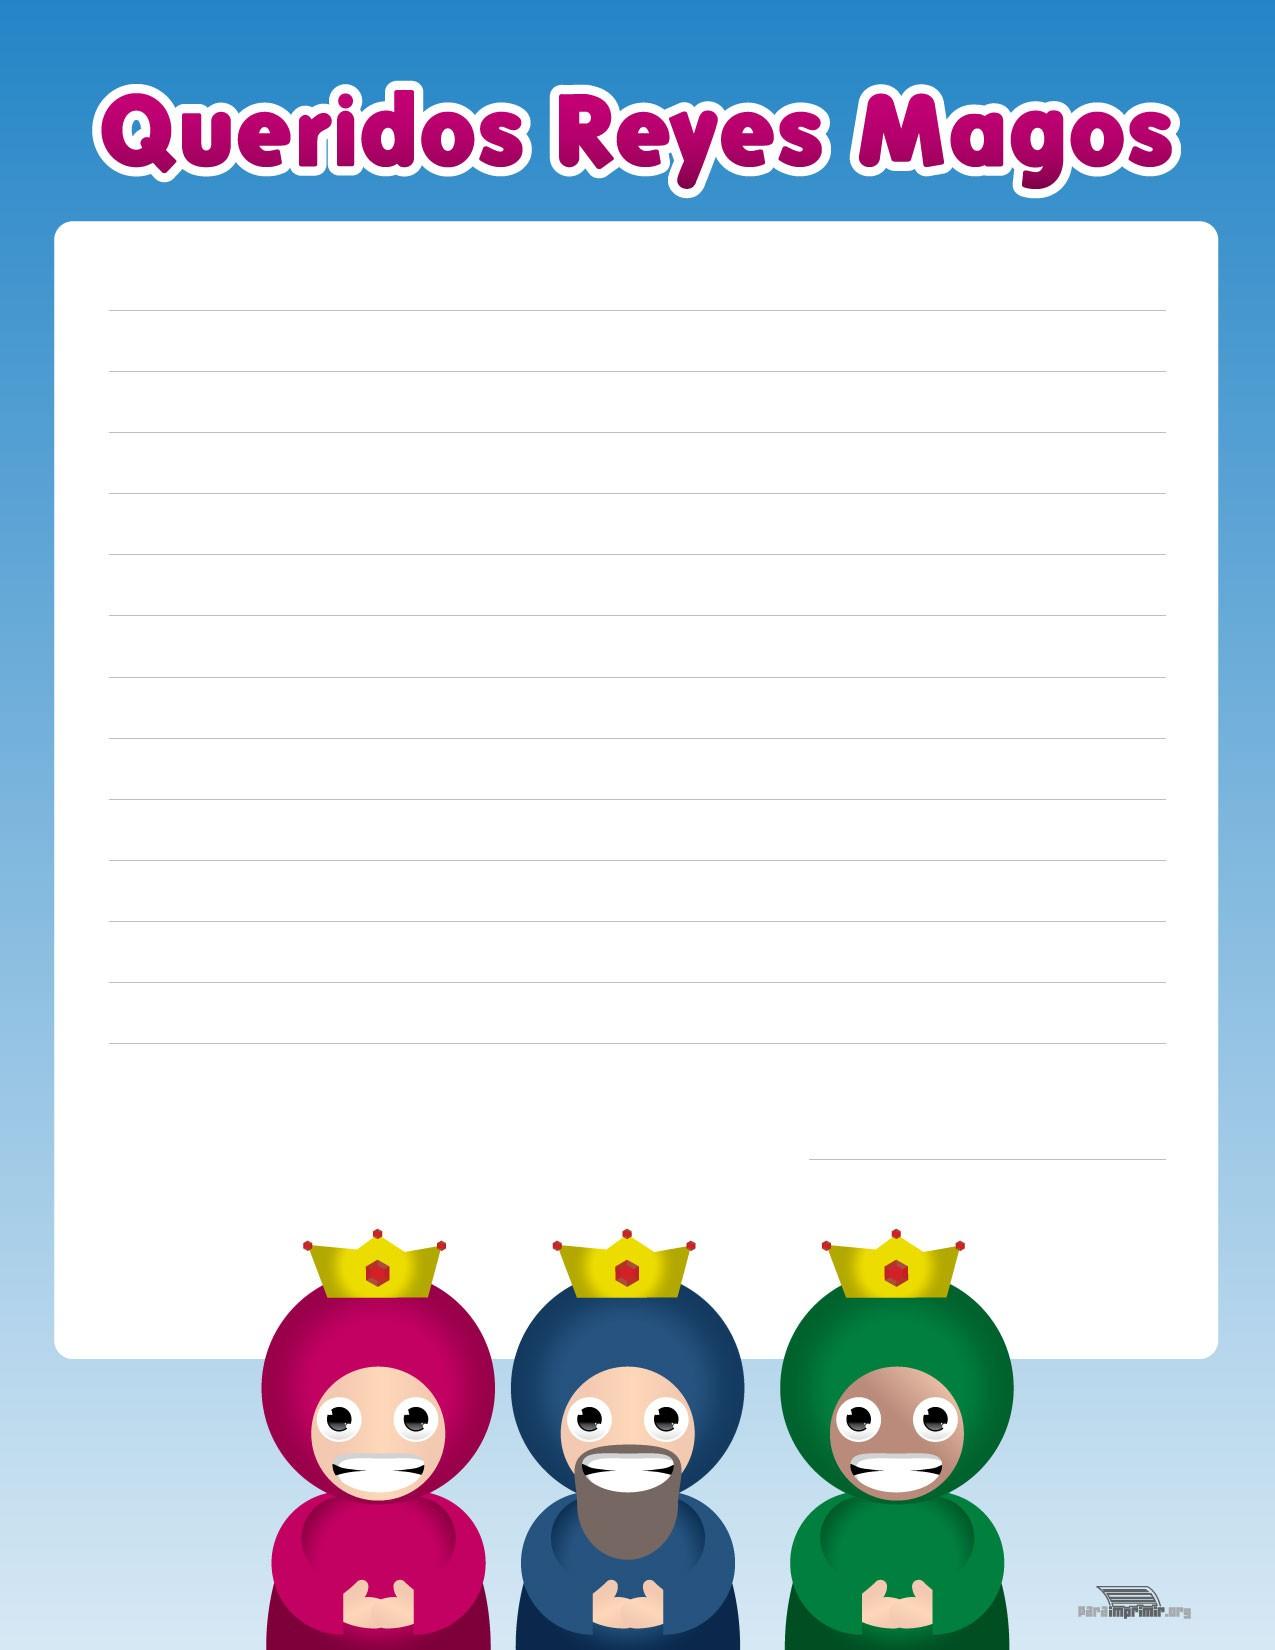 Calendario Enero 2019 Para Imprimir Con Dibujos Recientes Más De 50 Cartas Para Enviar A Los Reyes Para Imprimir Y Descargar Of Calendario Enero 2019 Para Imprimir Con Dibujos Recientes Eur Lex R2454 Es Eur Lex